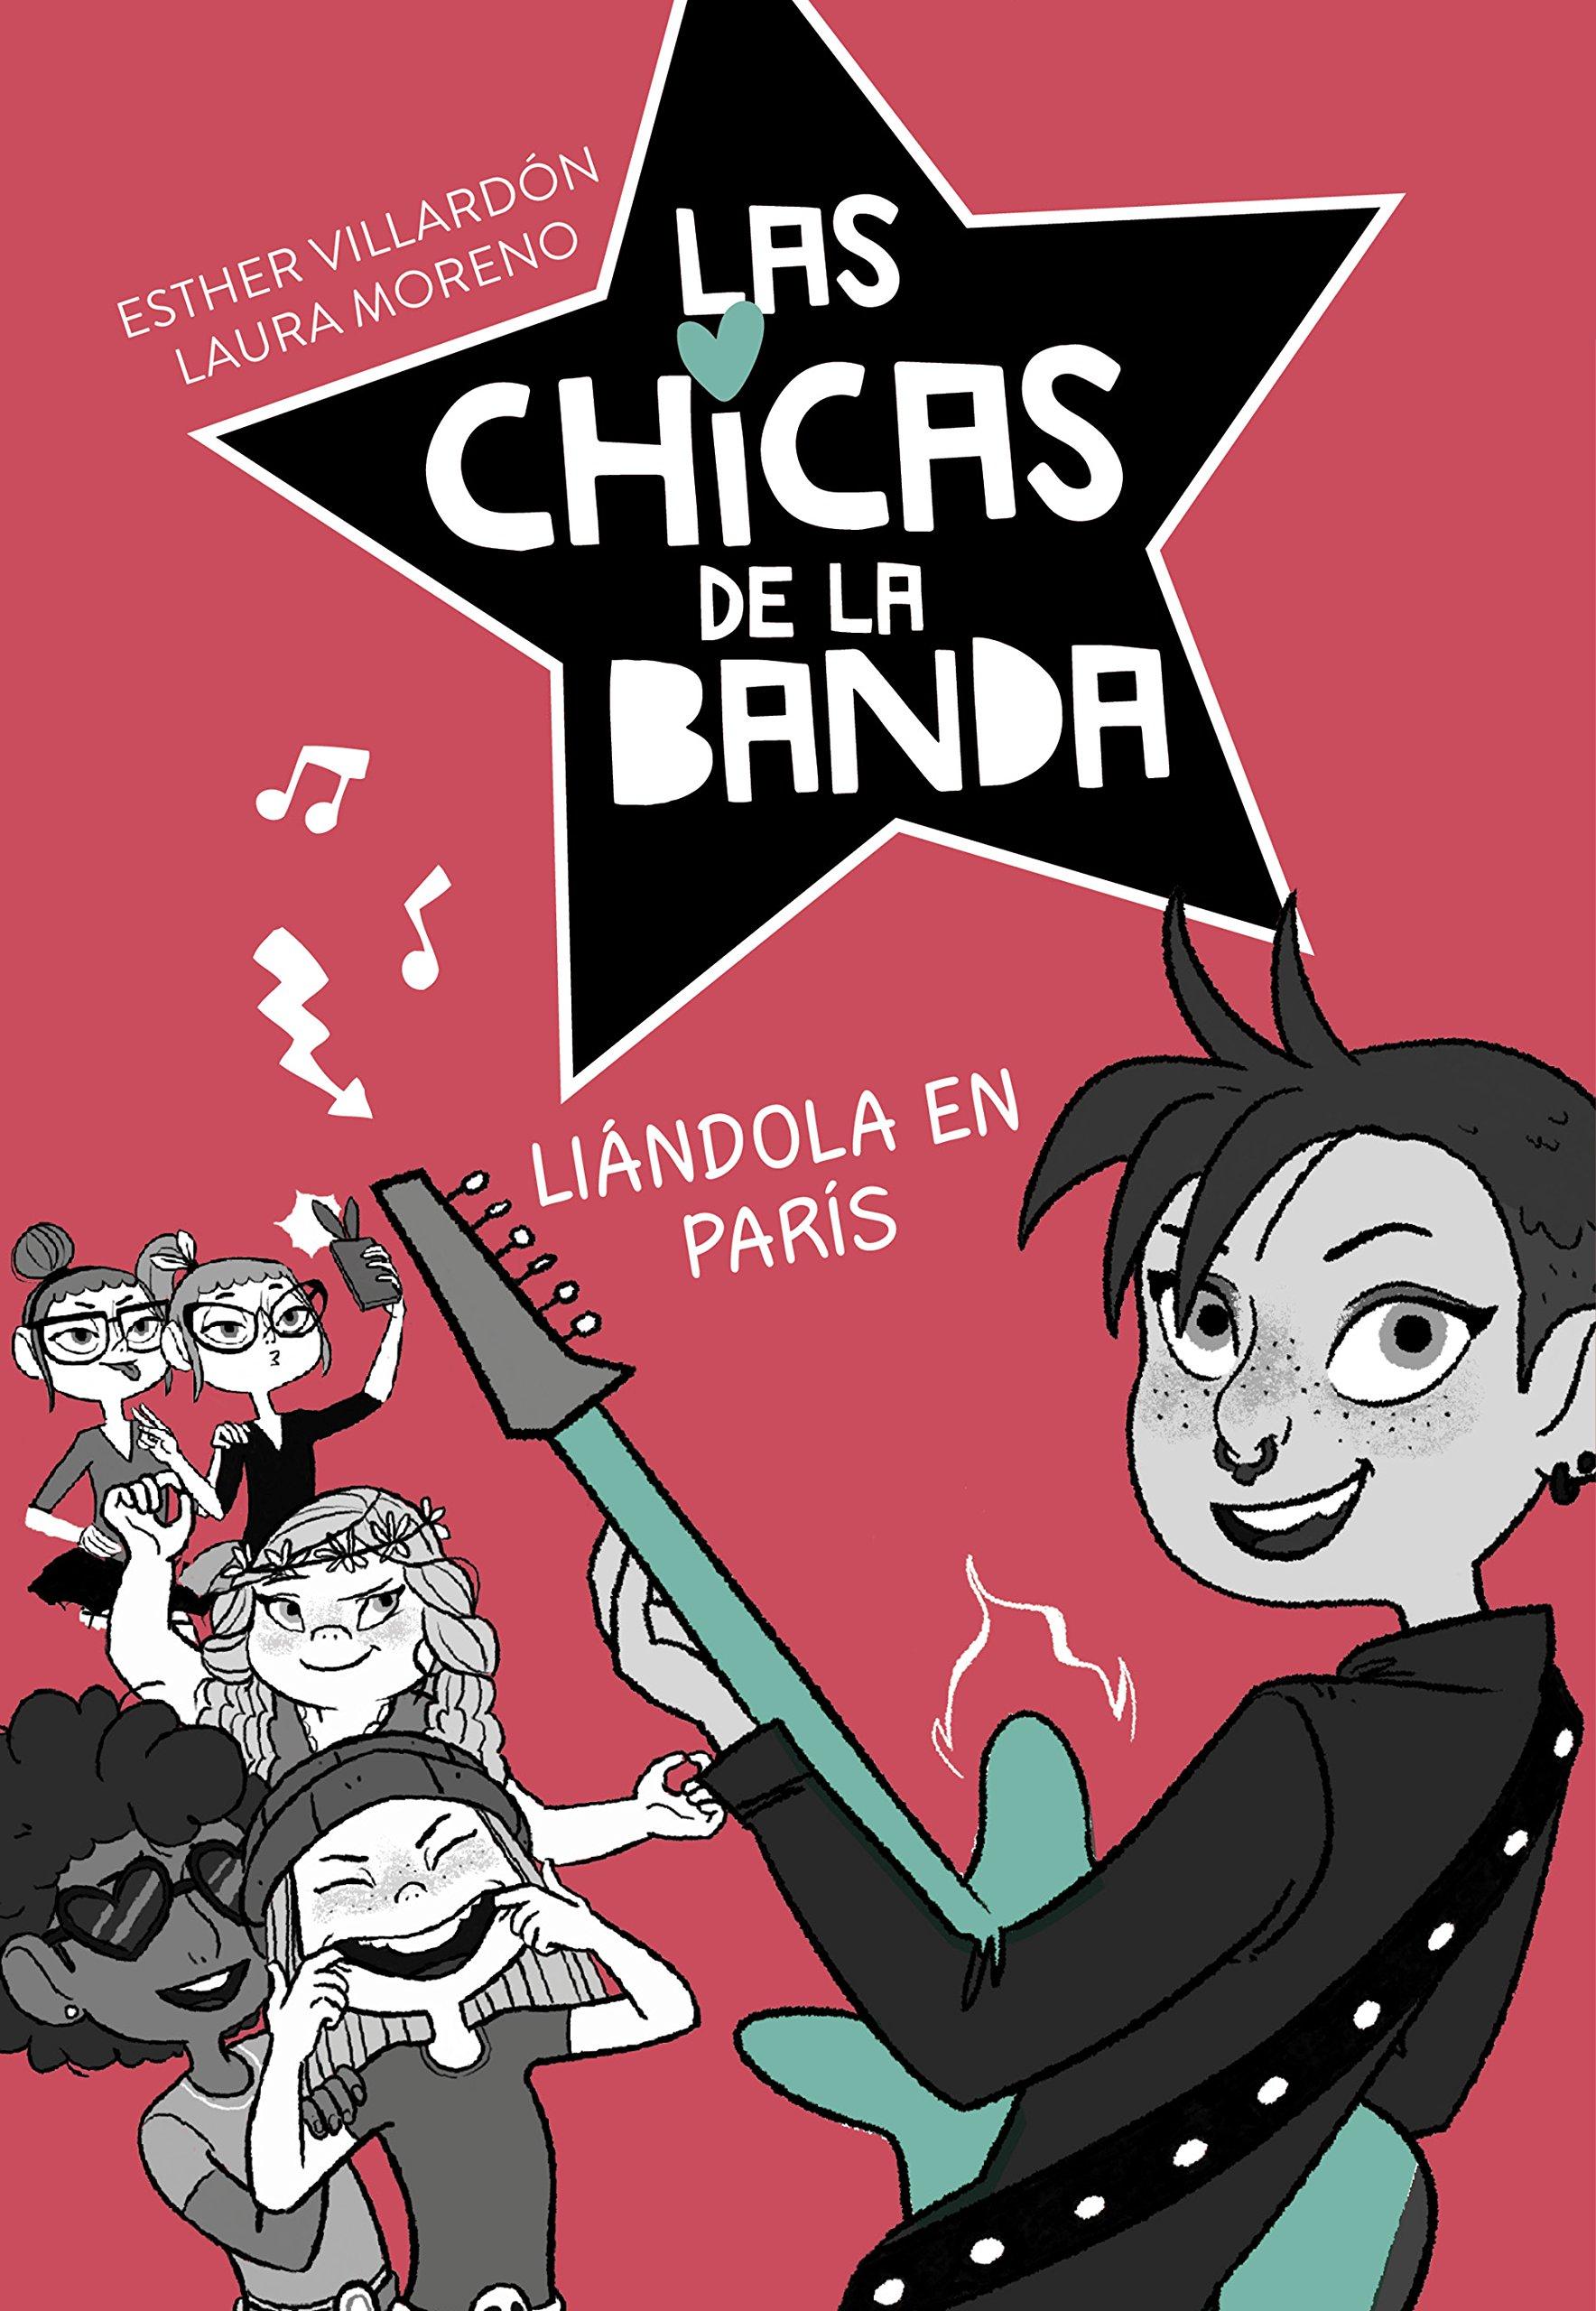 Liándola en París (Serie Las chicas de la banda 3): Amazon.es: Esther Villardon, Laura Moreno: Libros